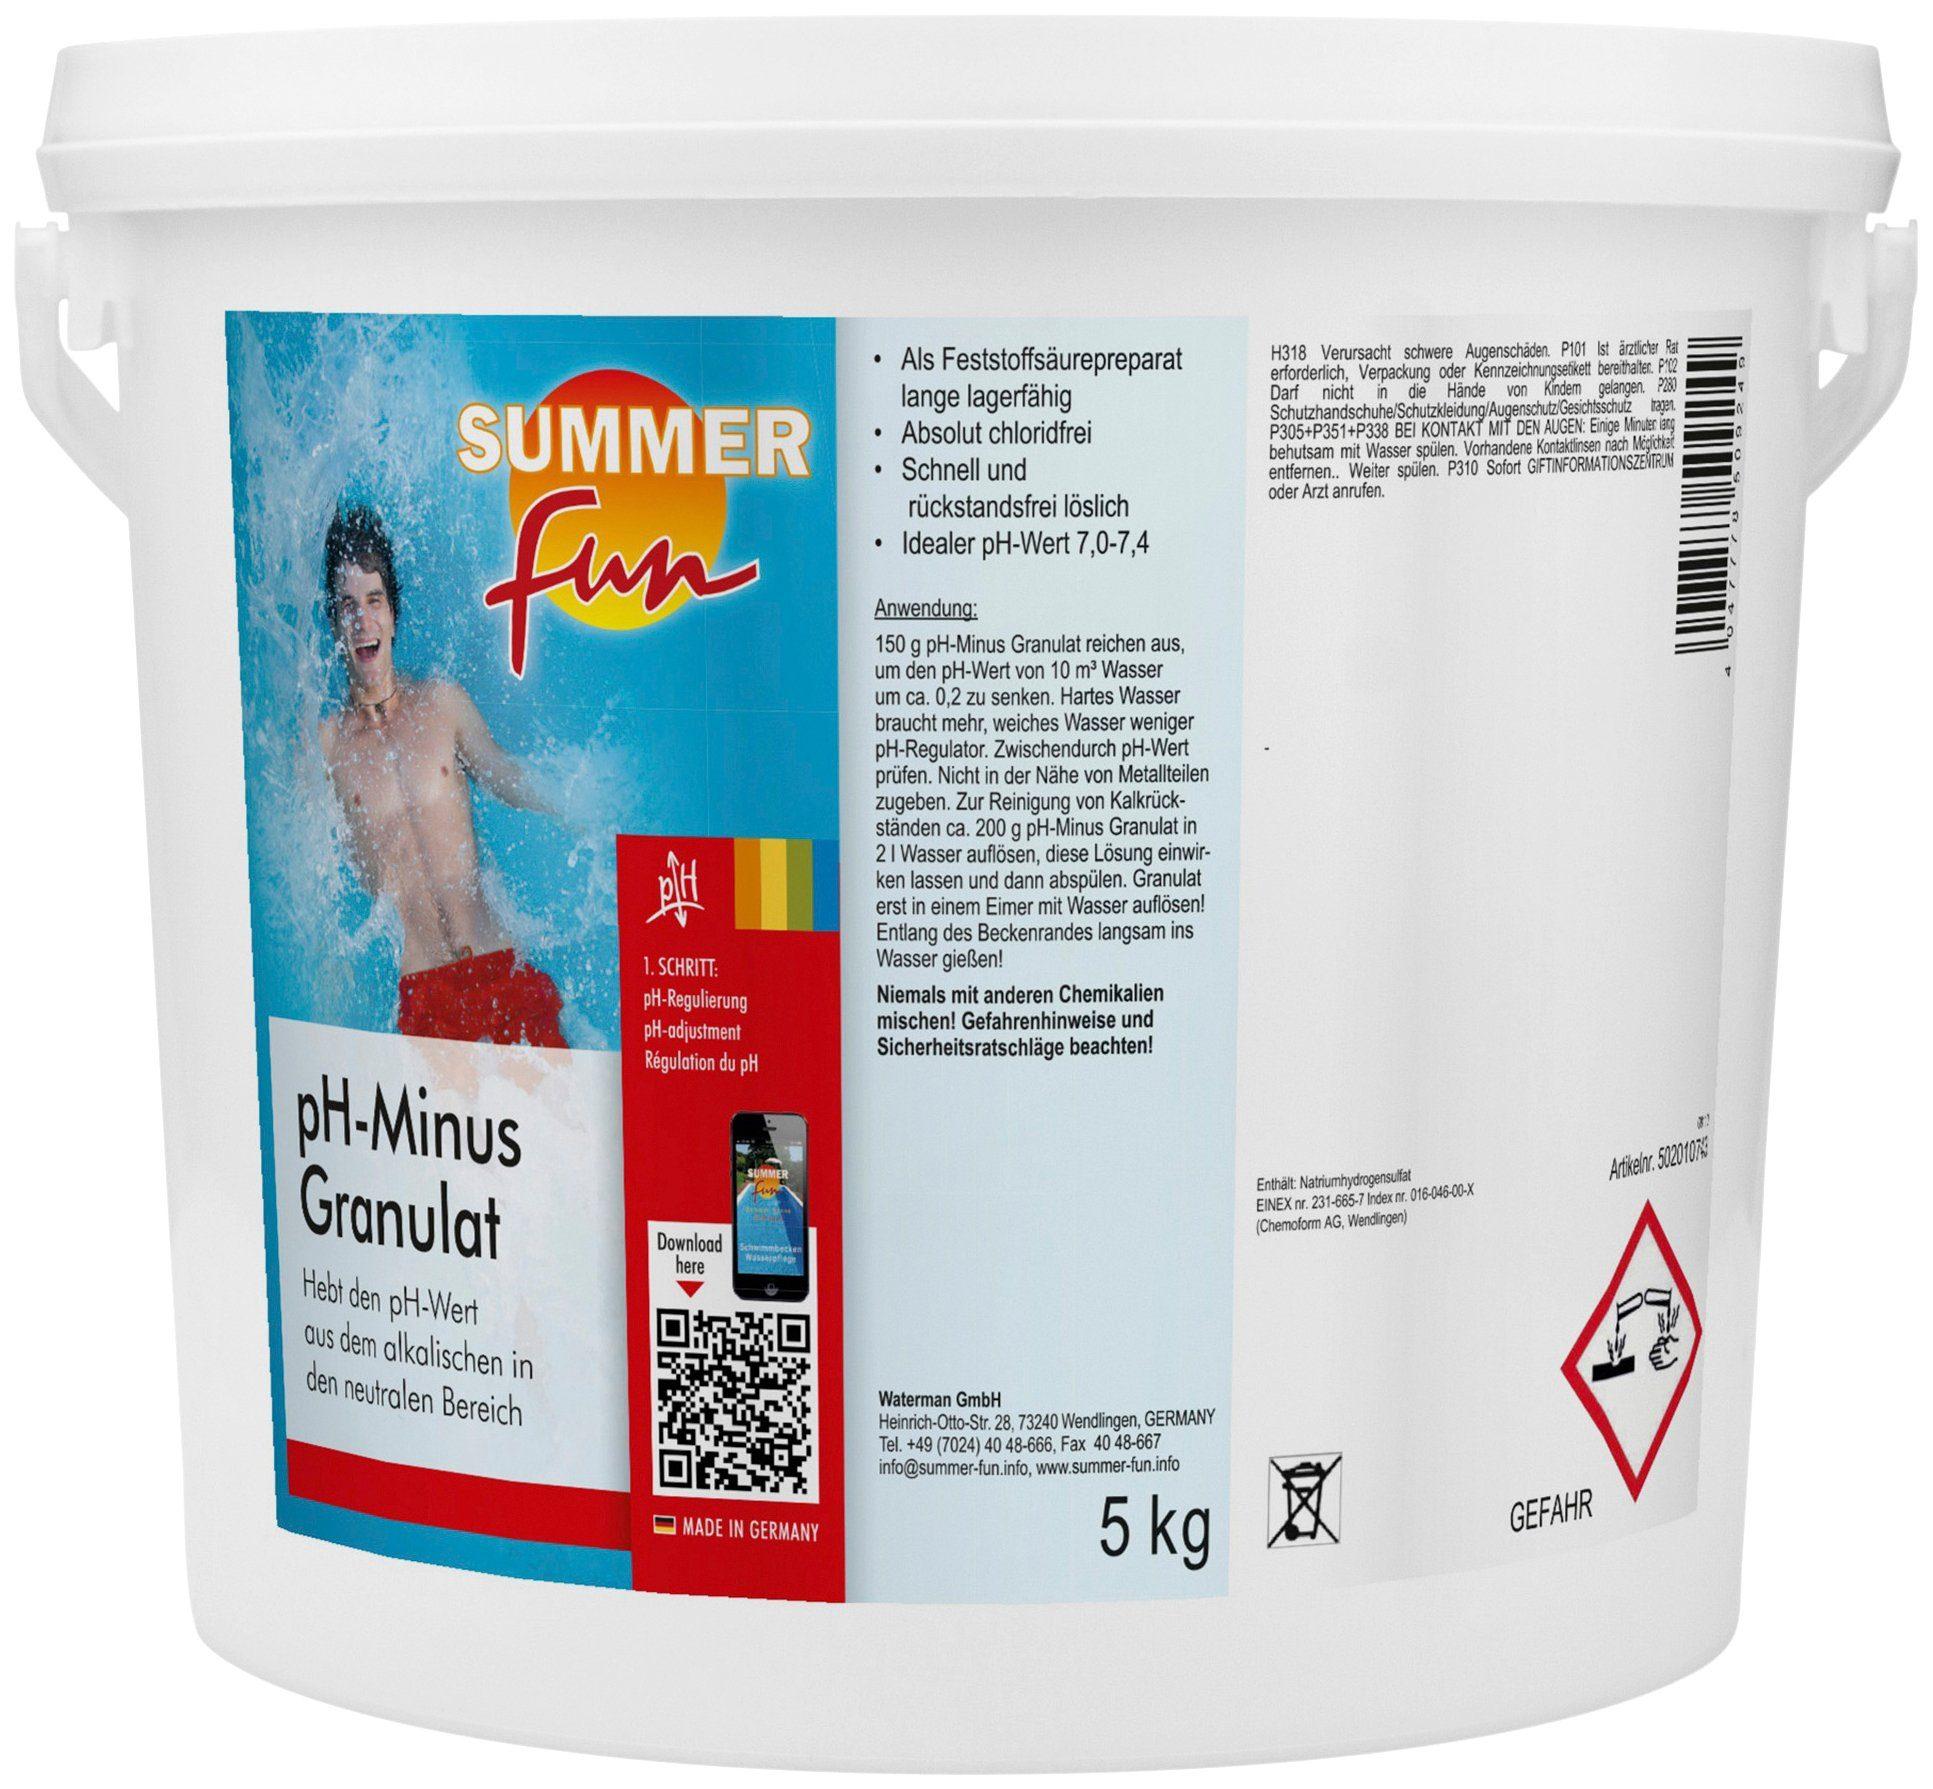 SUMMER FUN Wasserpflege »pH-Minus Granulat«, 5 kg